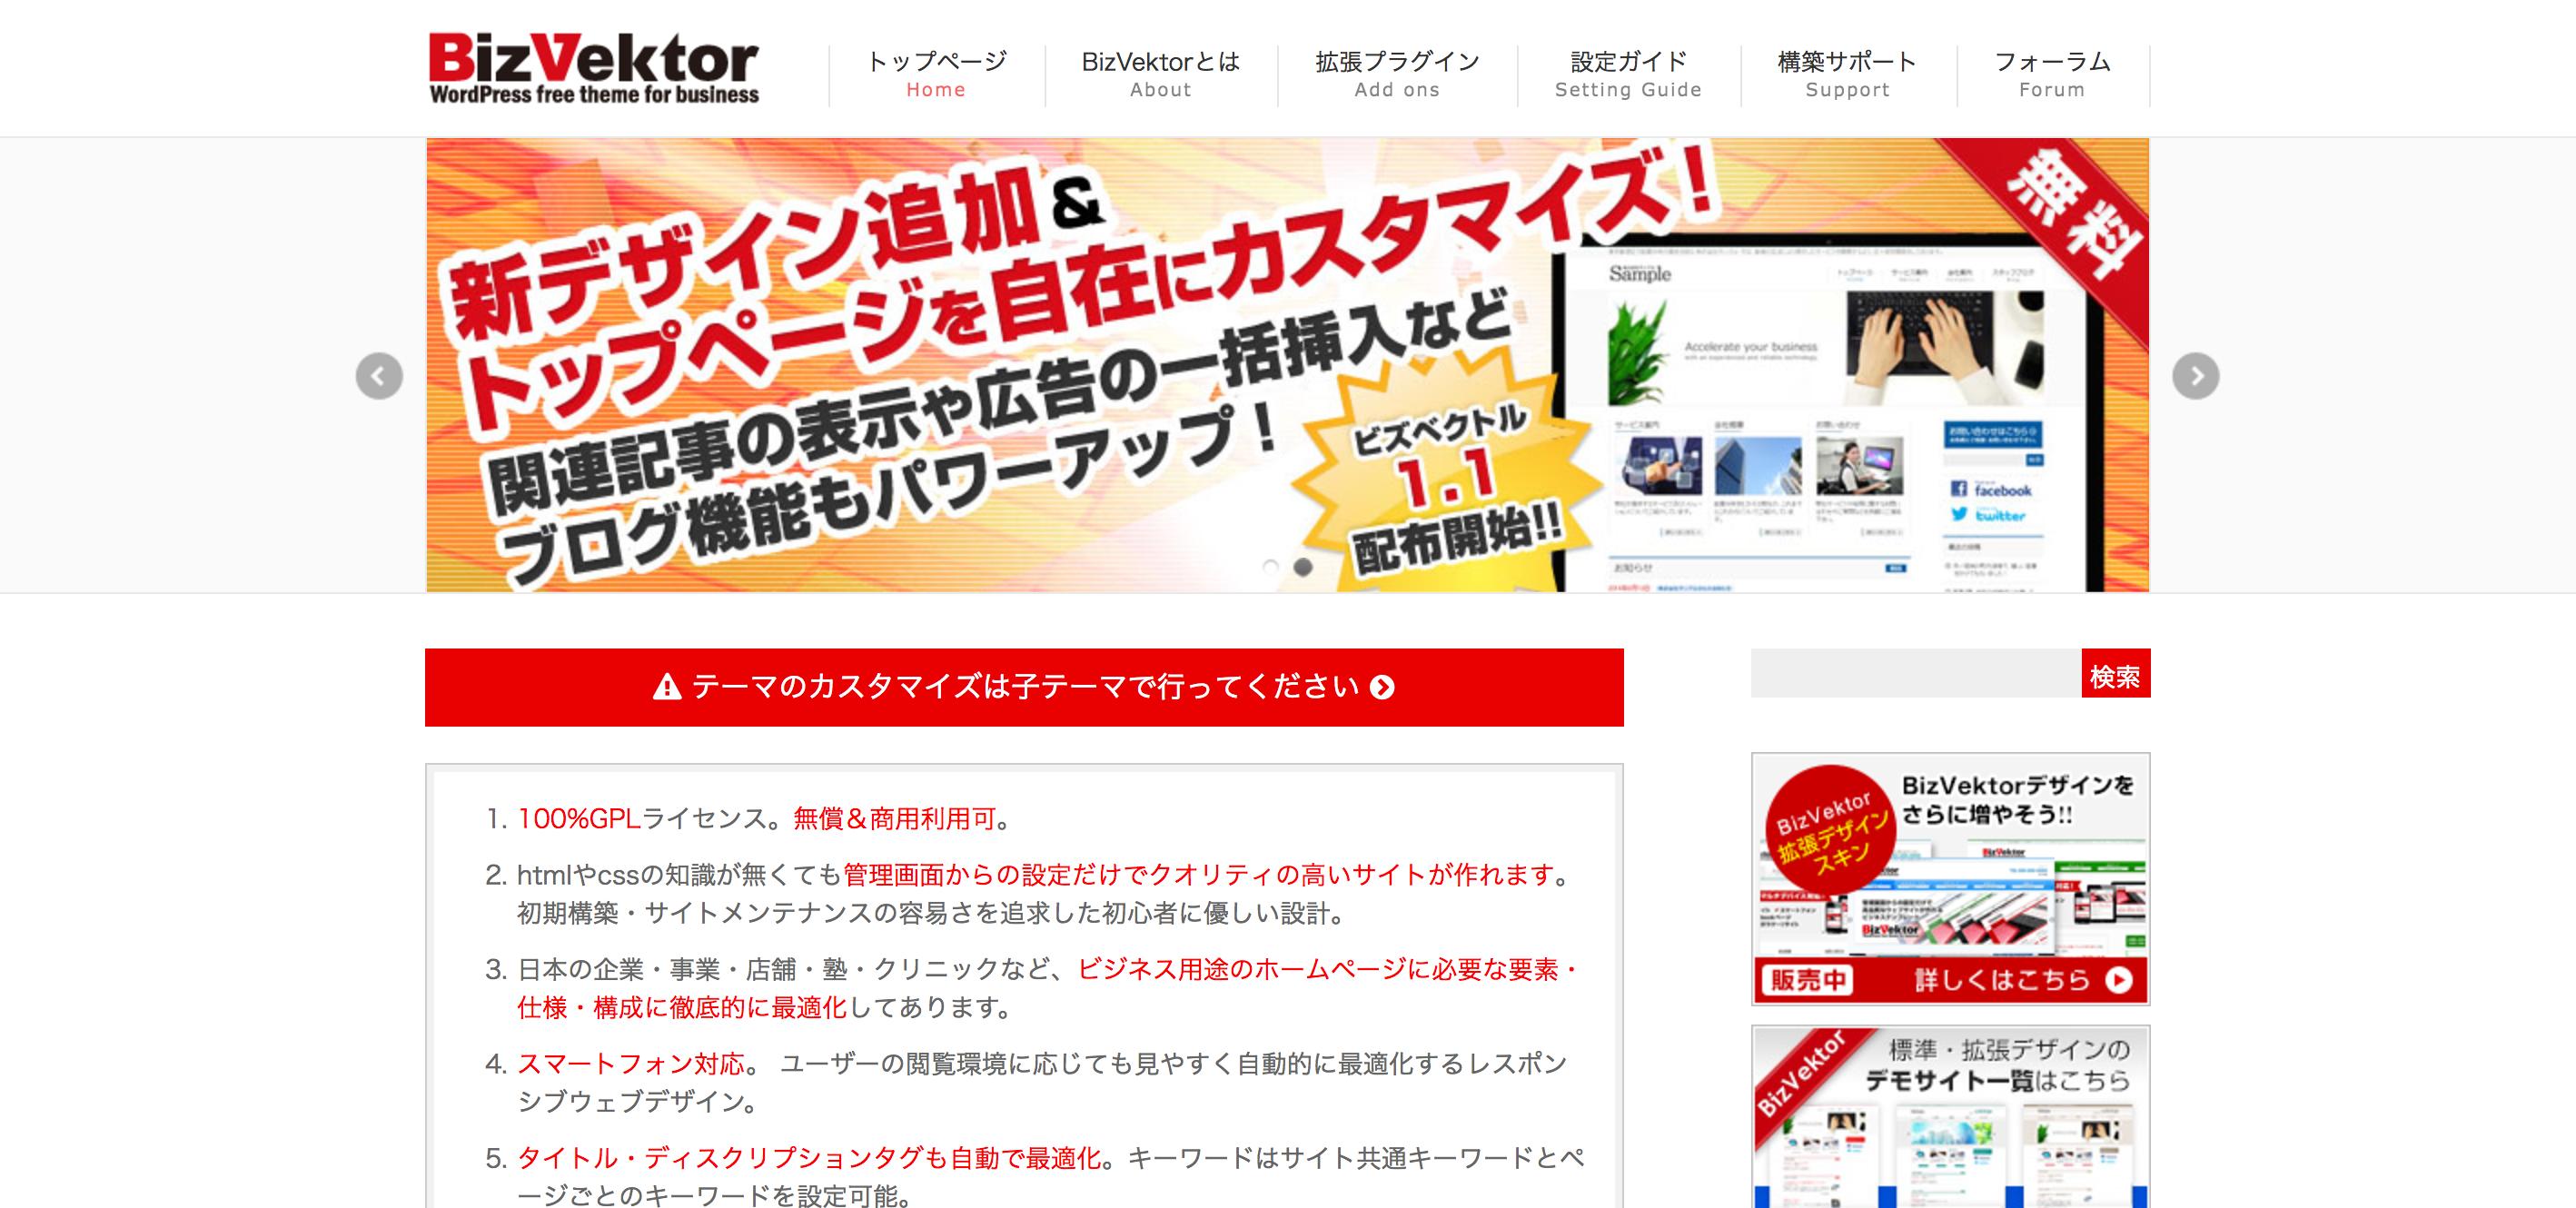 bizvektor - Wordpressのテーマ7選!デザインがおしゃれで使いやすいおすすめテンプレート